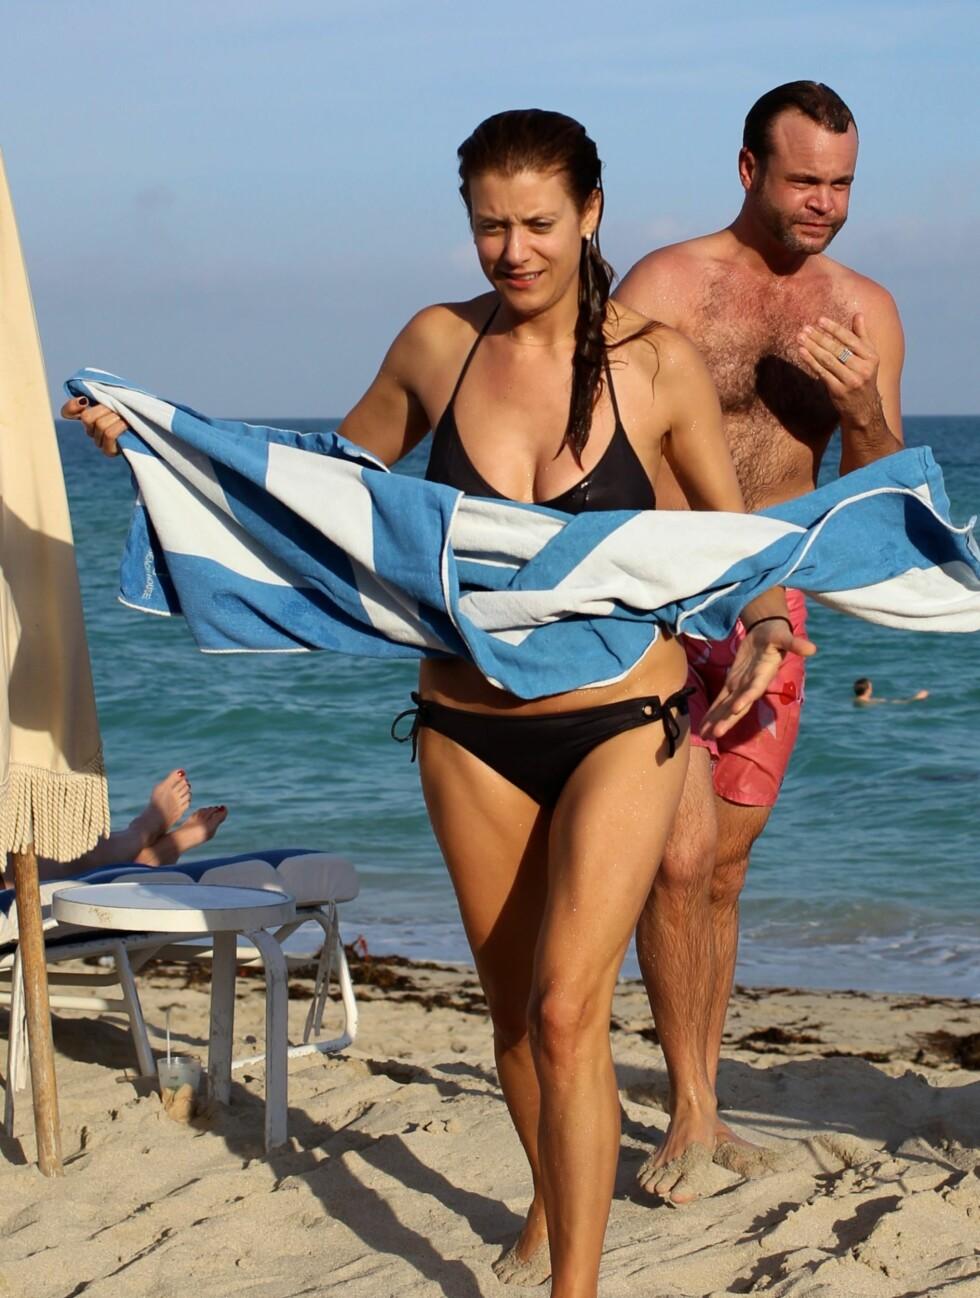 MYE OPPMERKSOMHET: TV-stjernen fikk mye oppmerksomhet på stranden. Foto: All Over Press